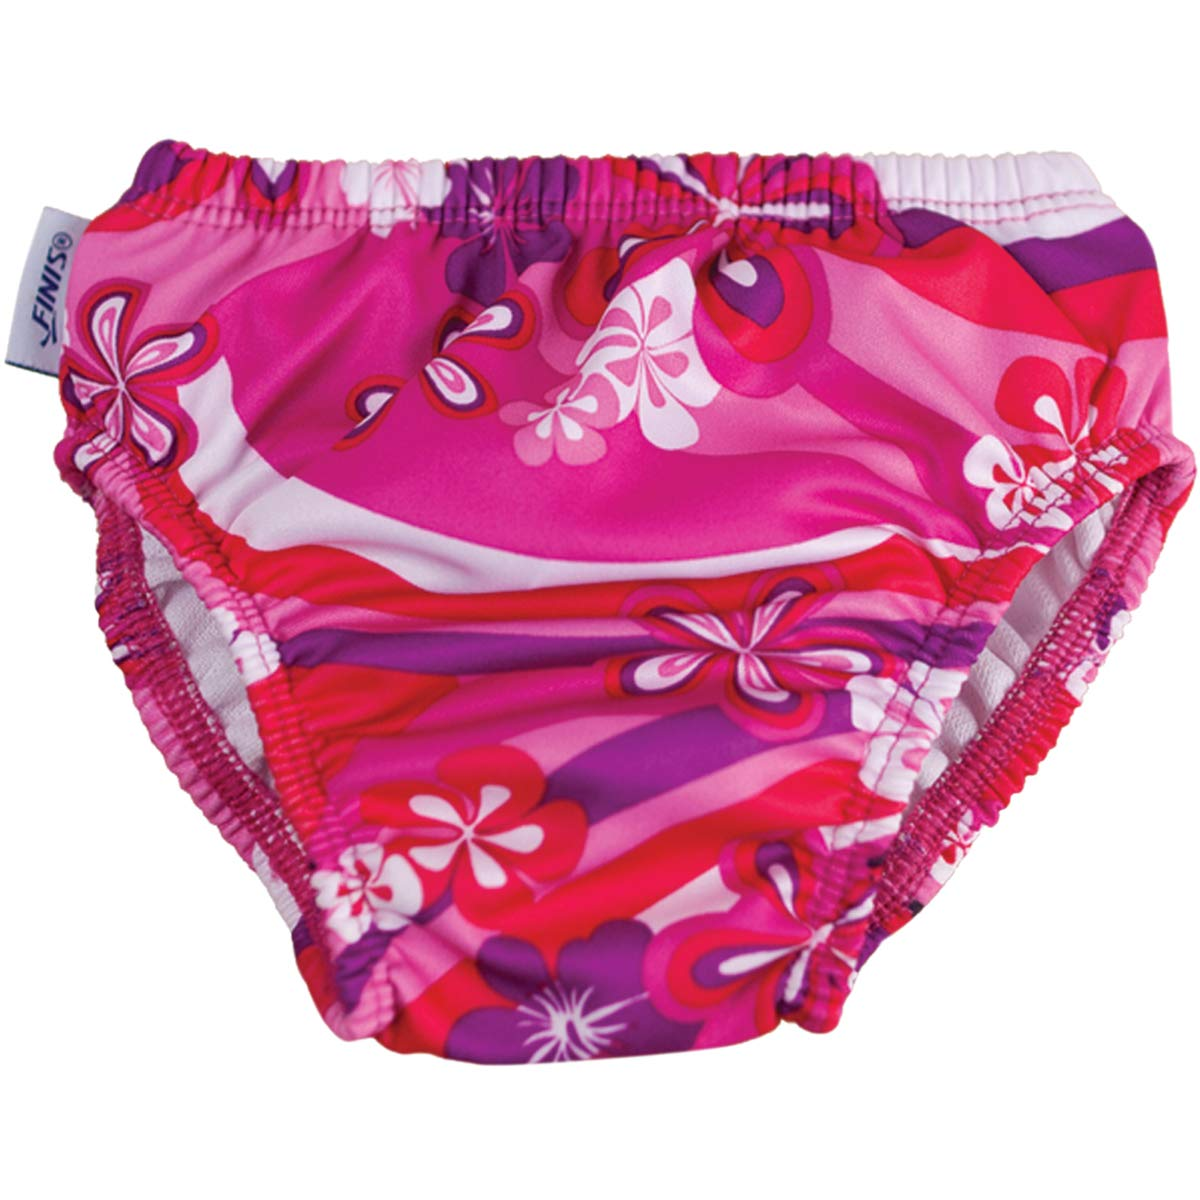 Swim Diaper - Flower Power S